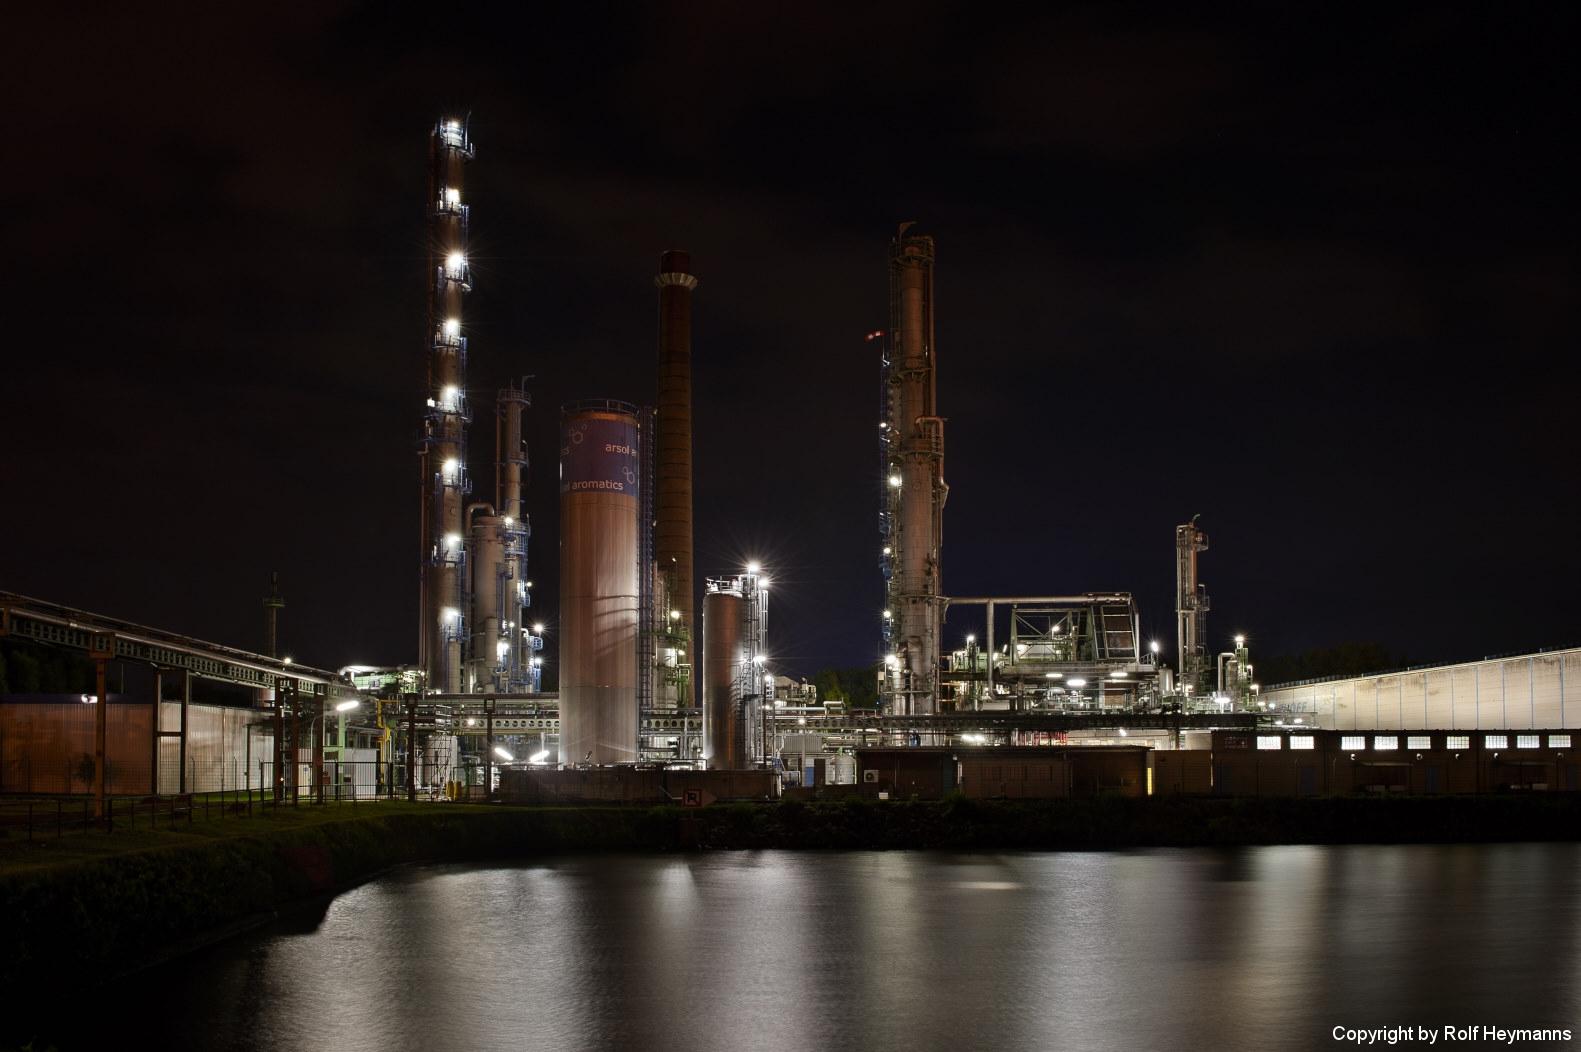 Gelsenkirchen, Industriehafen #4